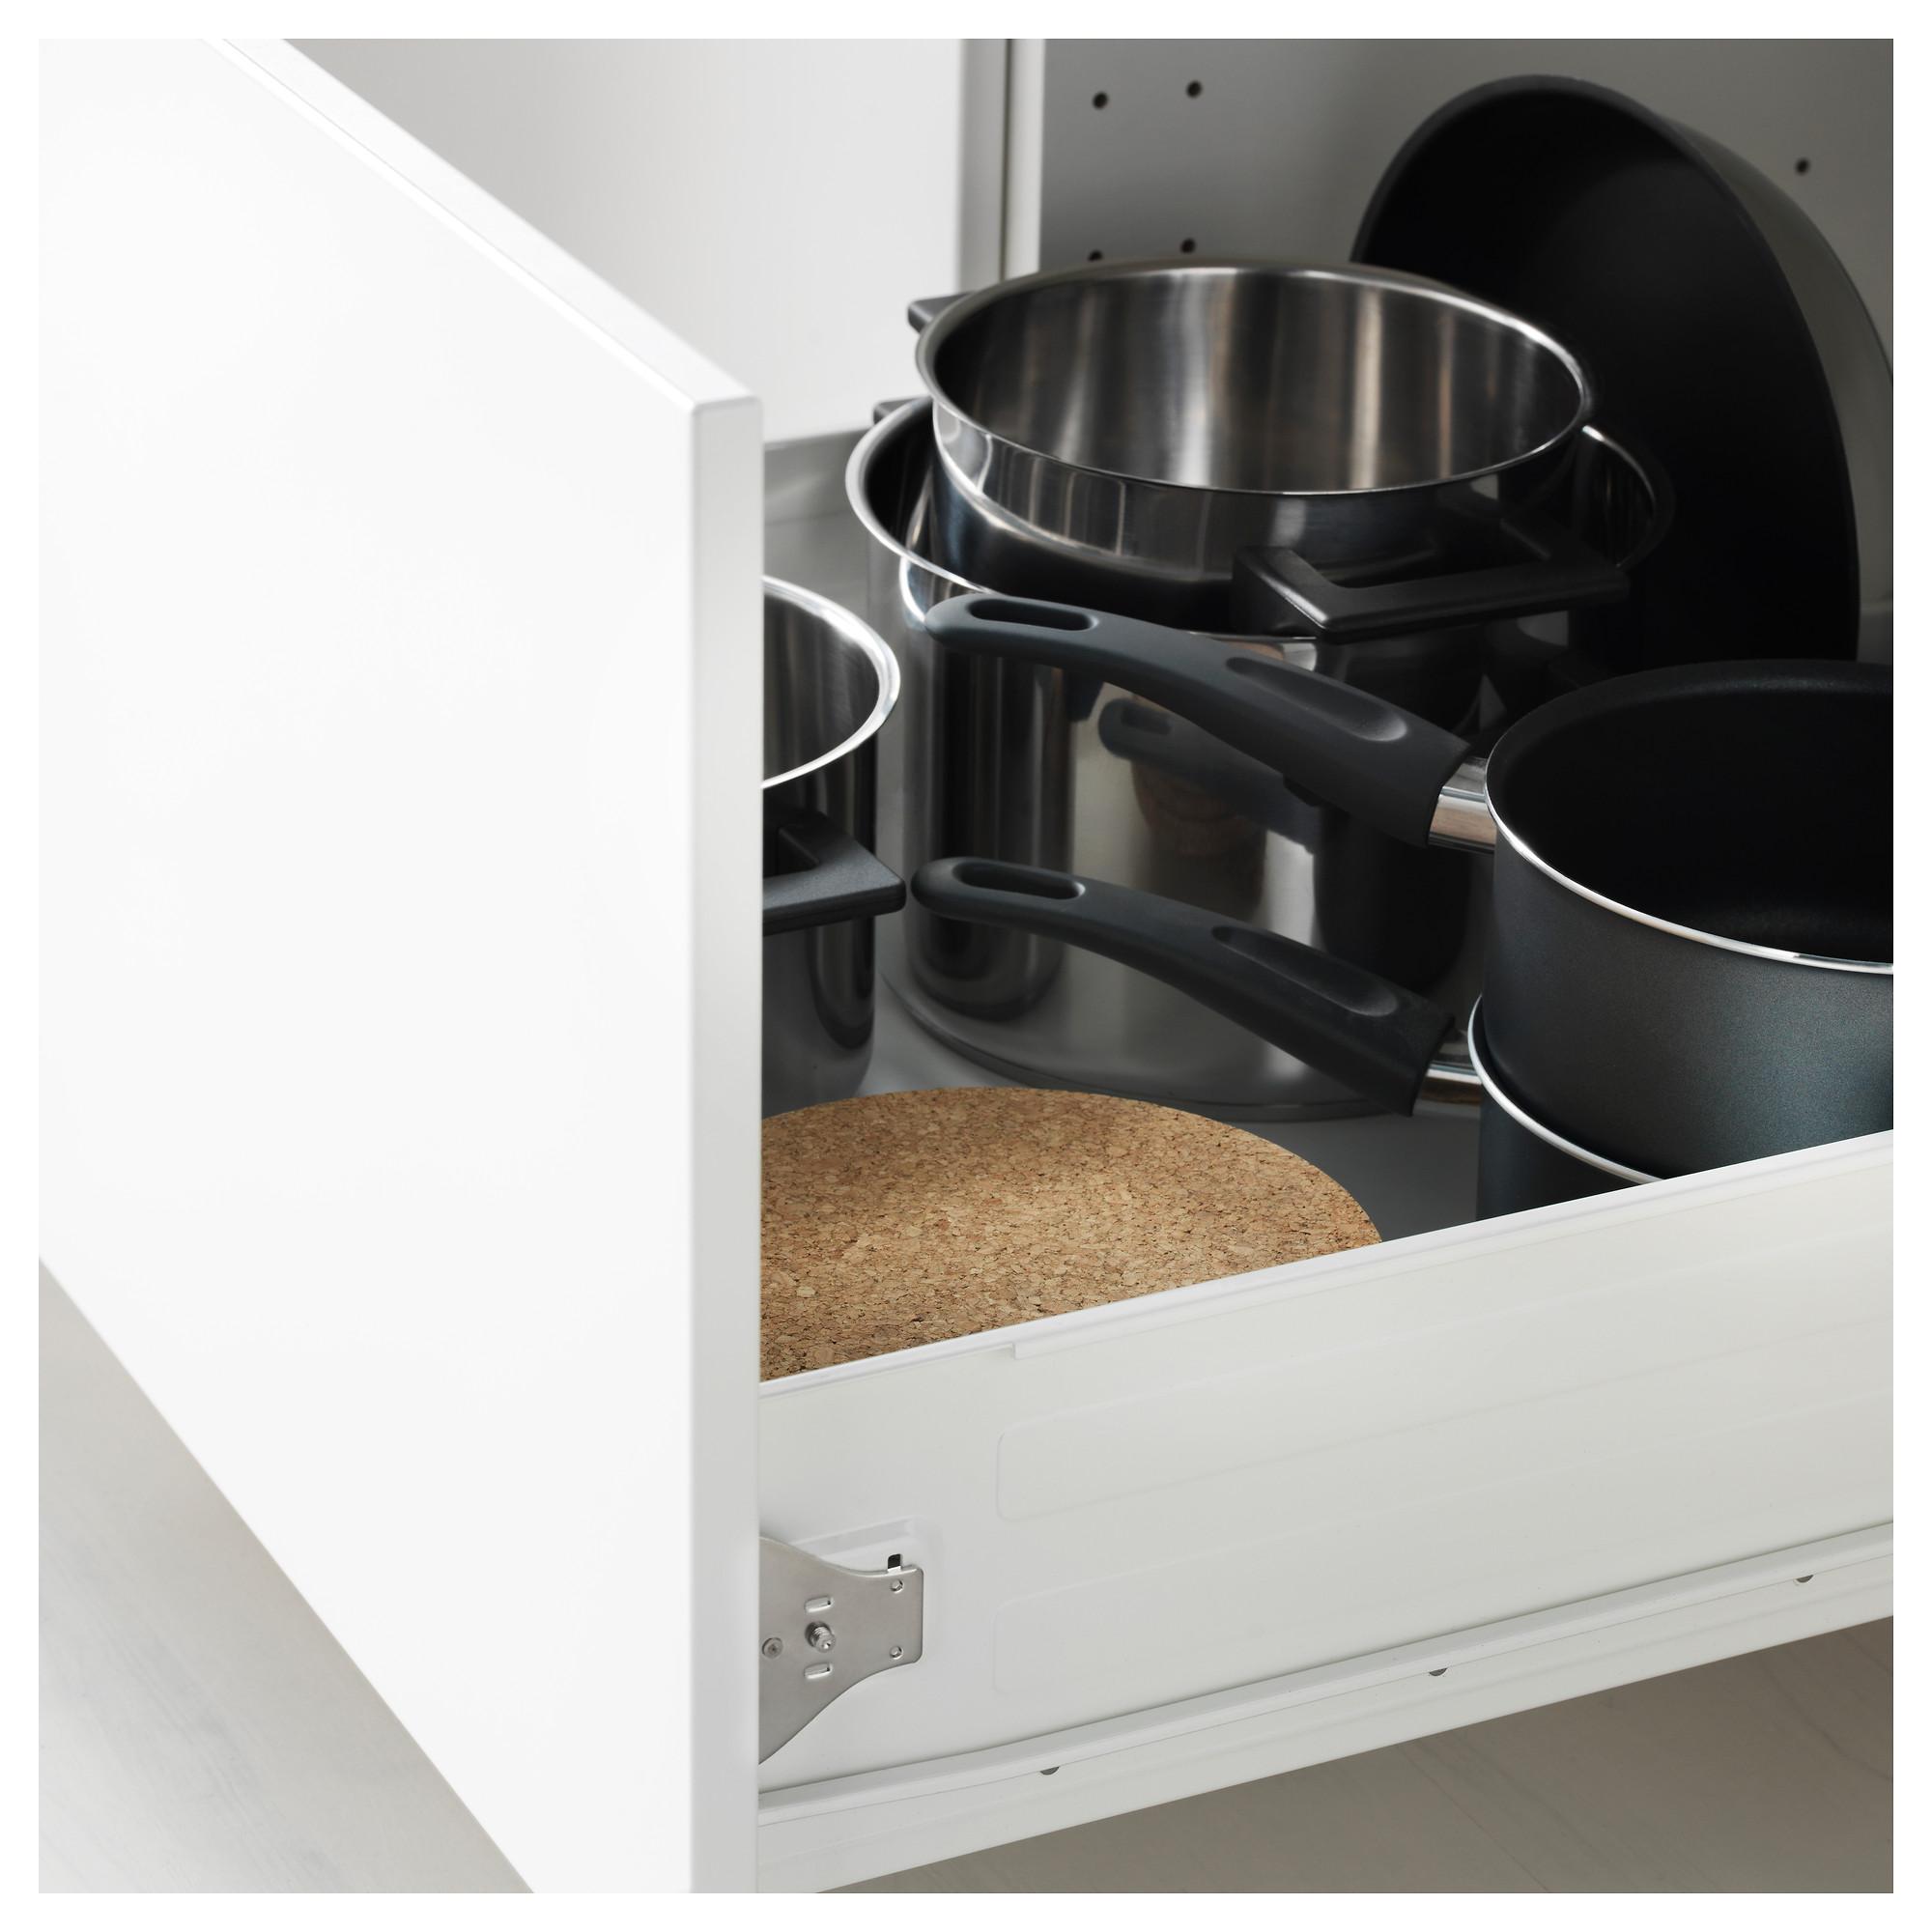 Высокий шкаф для духовки комбинированный, духовка + дверца, 3 ящика МЕТОД / ФОРВАРА черный артикуль № 192.674.43 в наличии. Интернет сайт IKEA Минск. Быстрая доставка и соборка.